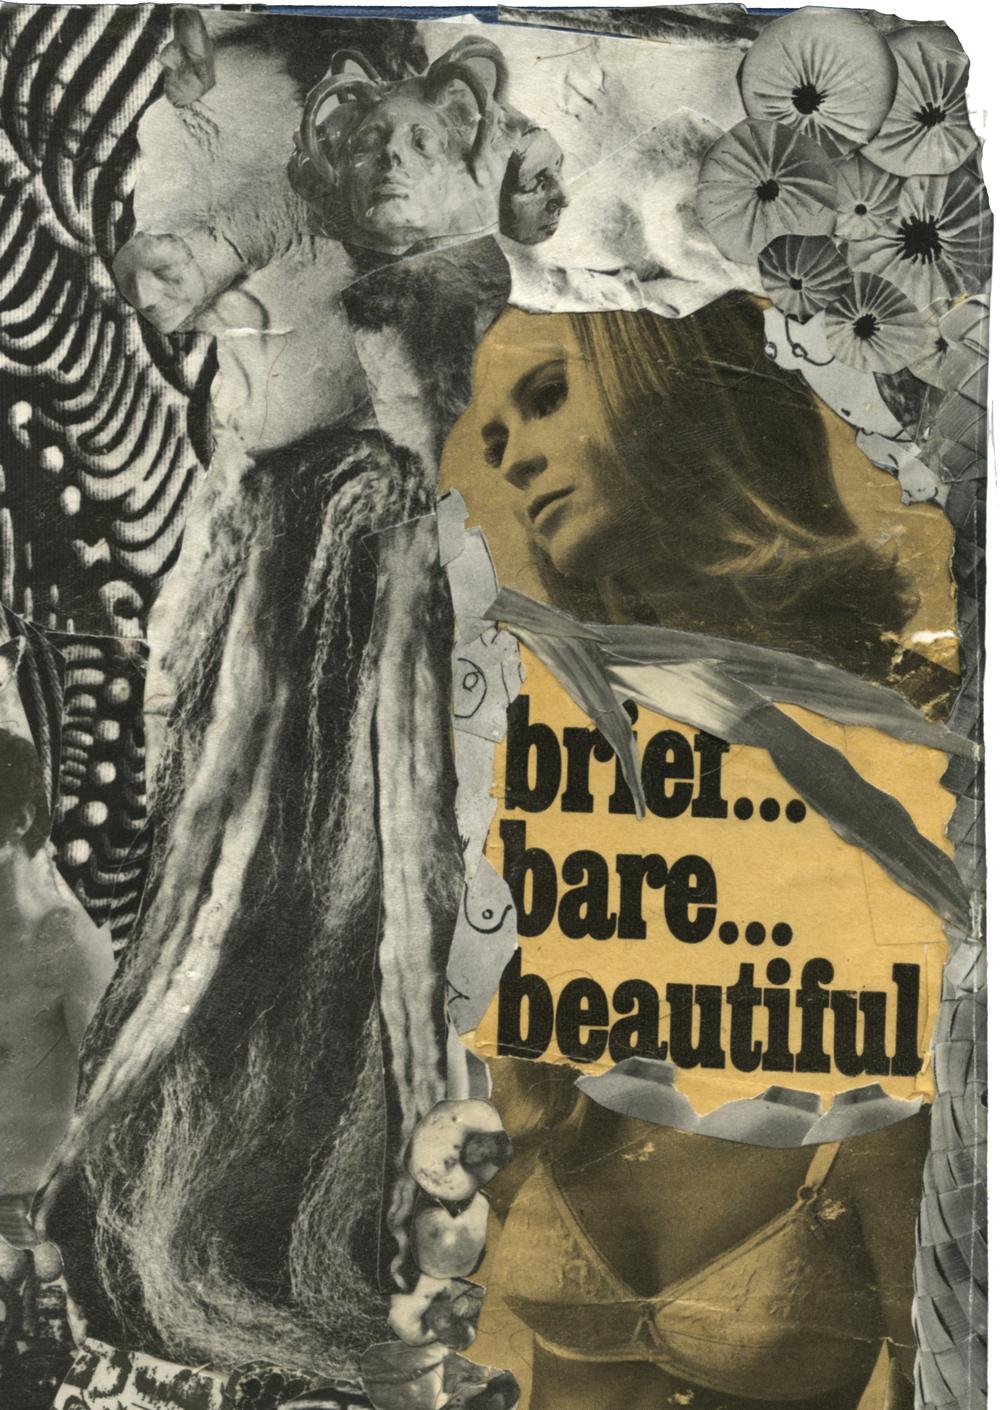 Brief Bare Beautiful